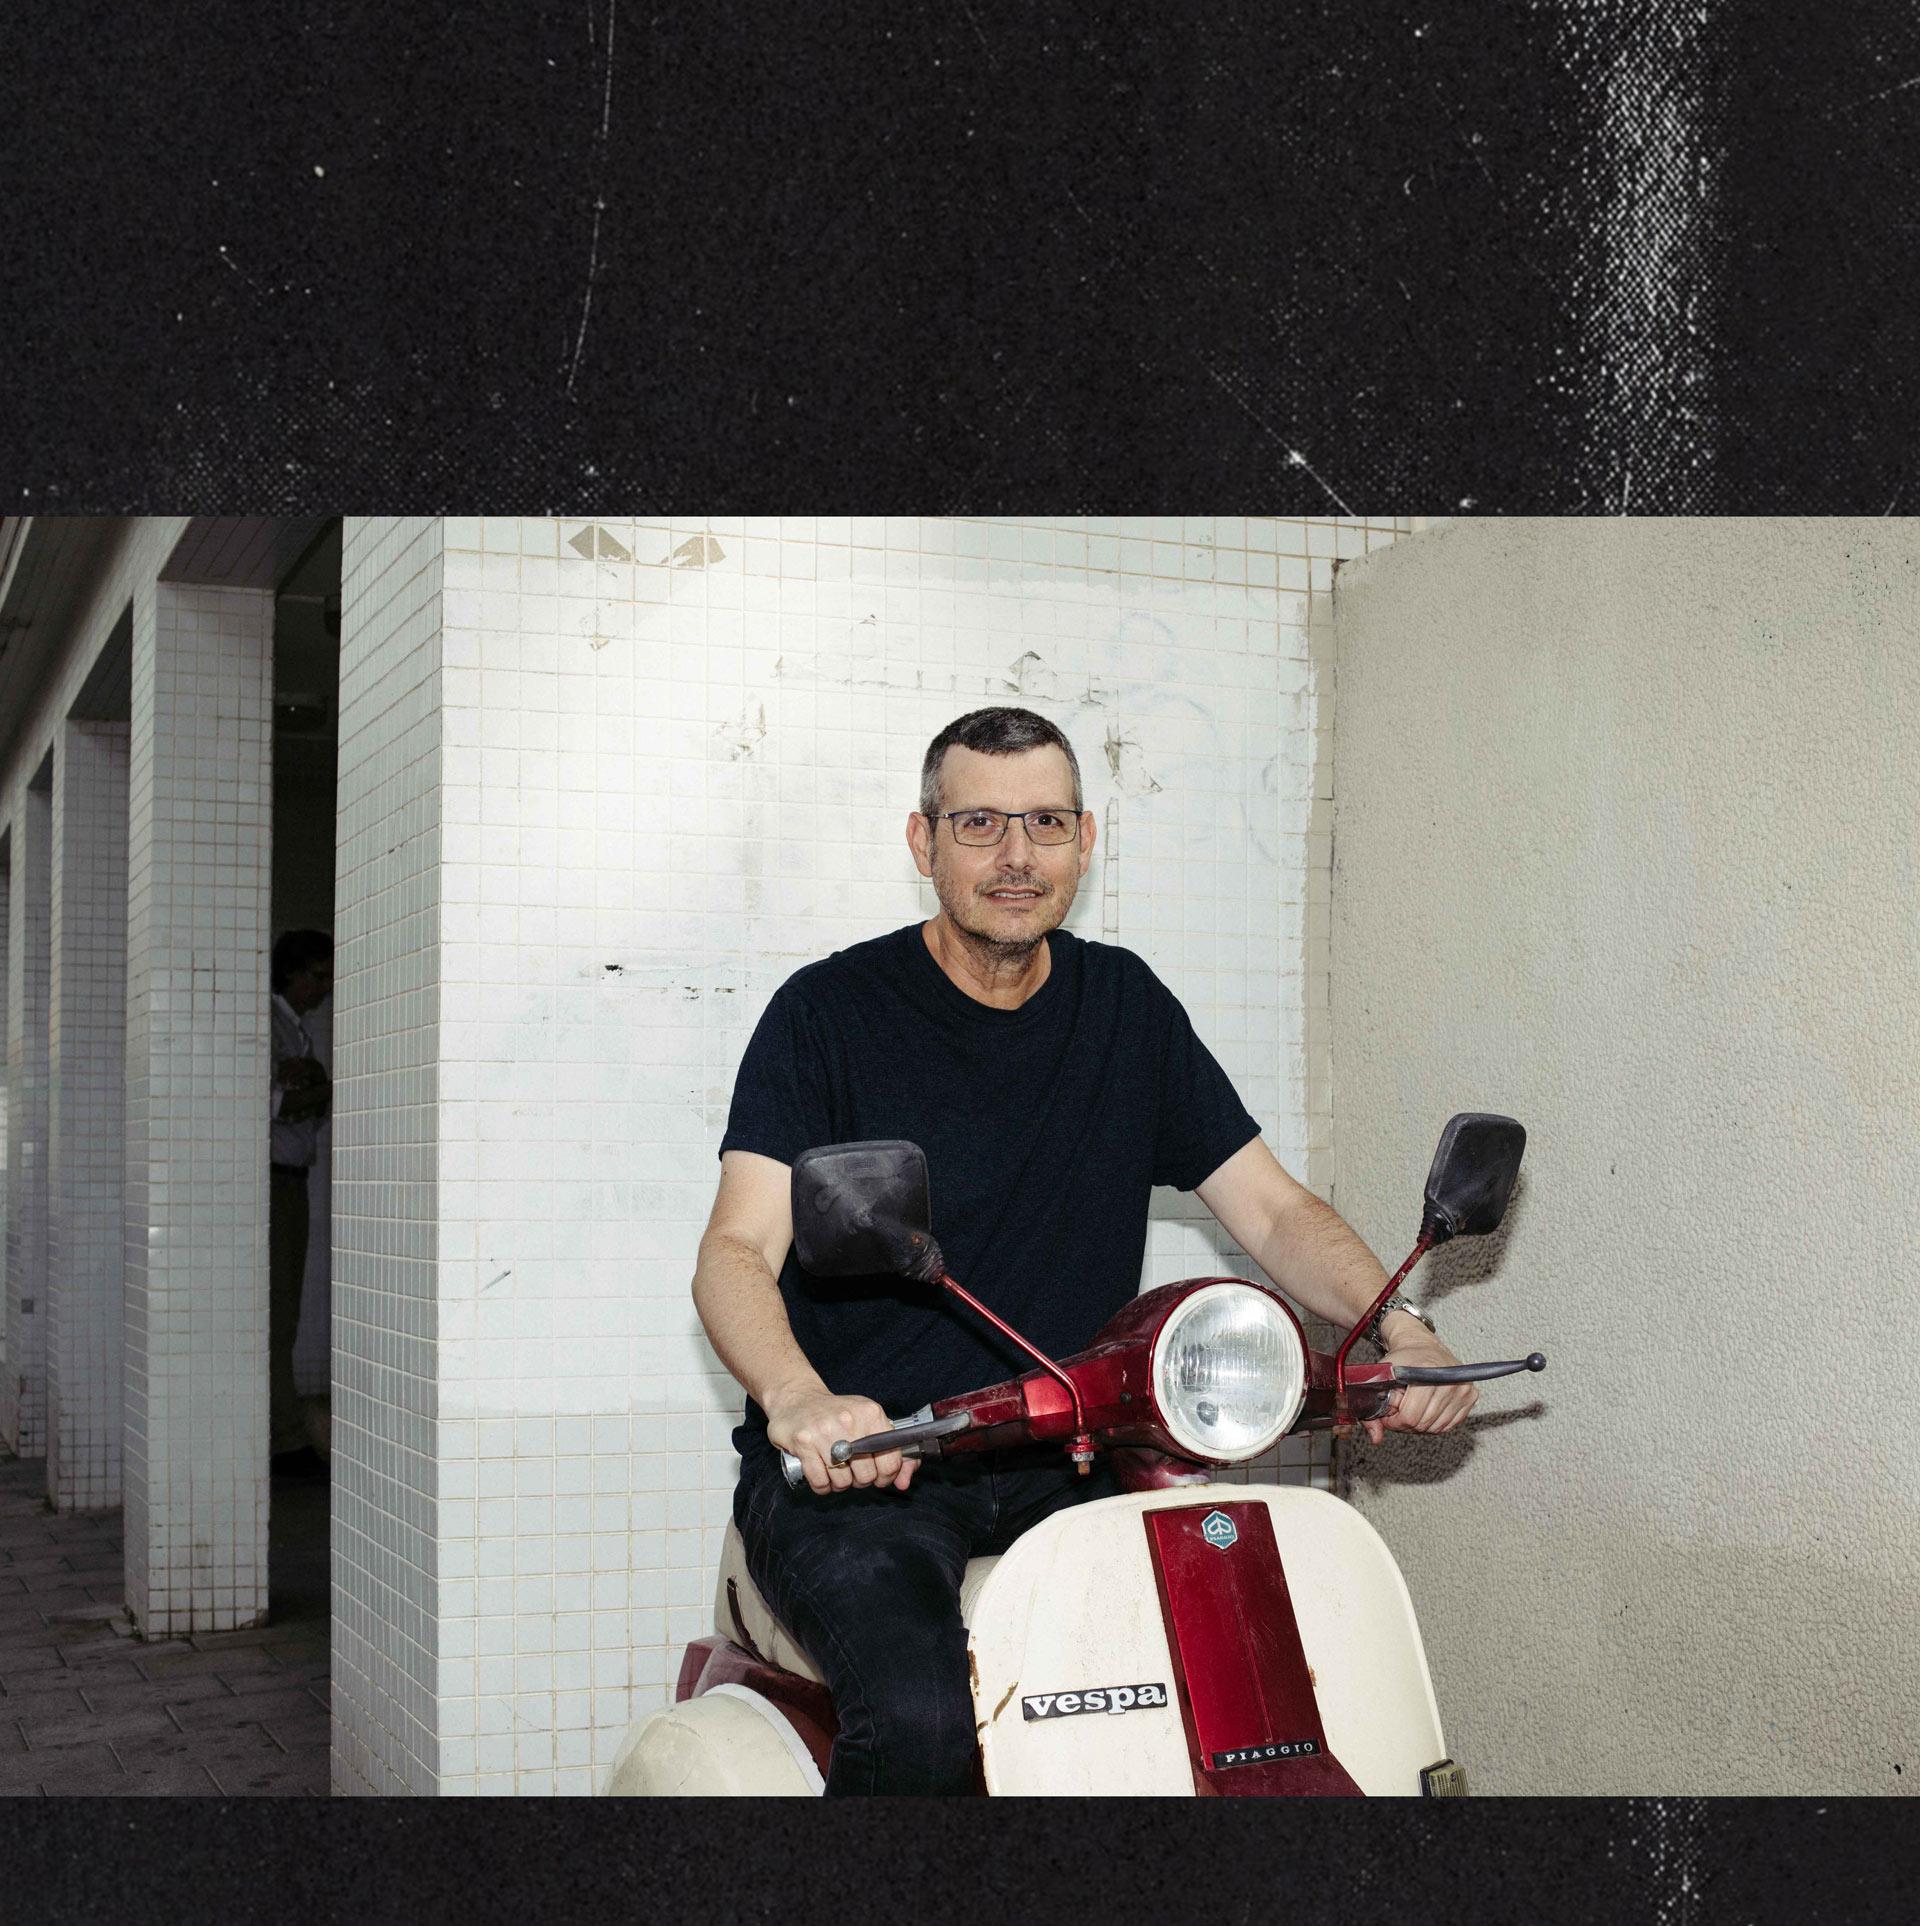 מגזין הקולנוע של יאיר רוה, שמלווה את הבלוג שלו סינמסקופ. ראיונות, סקופים, ביקורות וכל מה שחם בקולנוע ישראלי ובינלאומי.